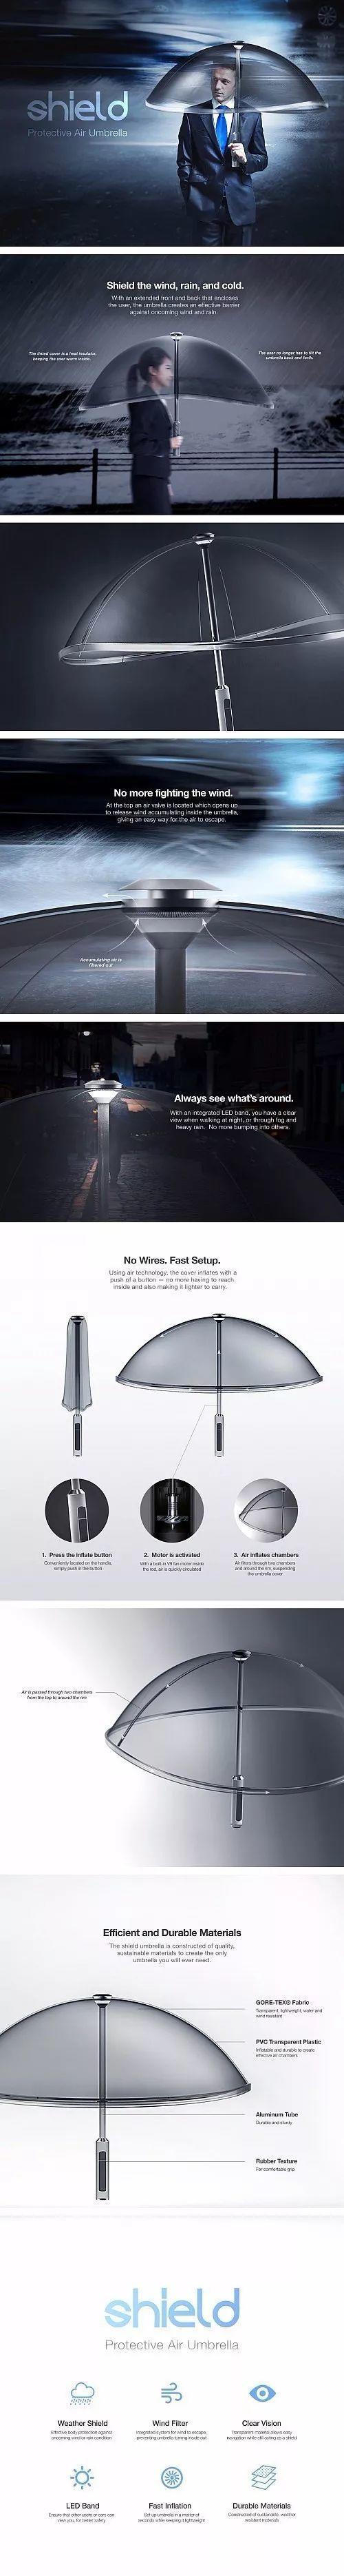 透明无伞骨充气雨伞Shield创意设计